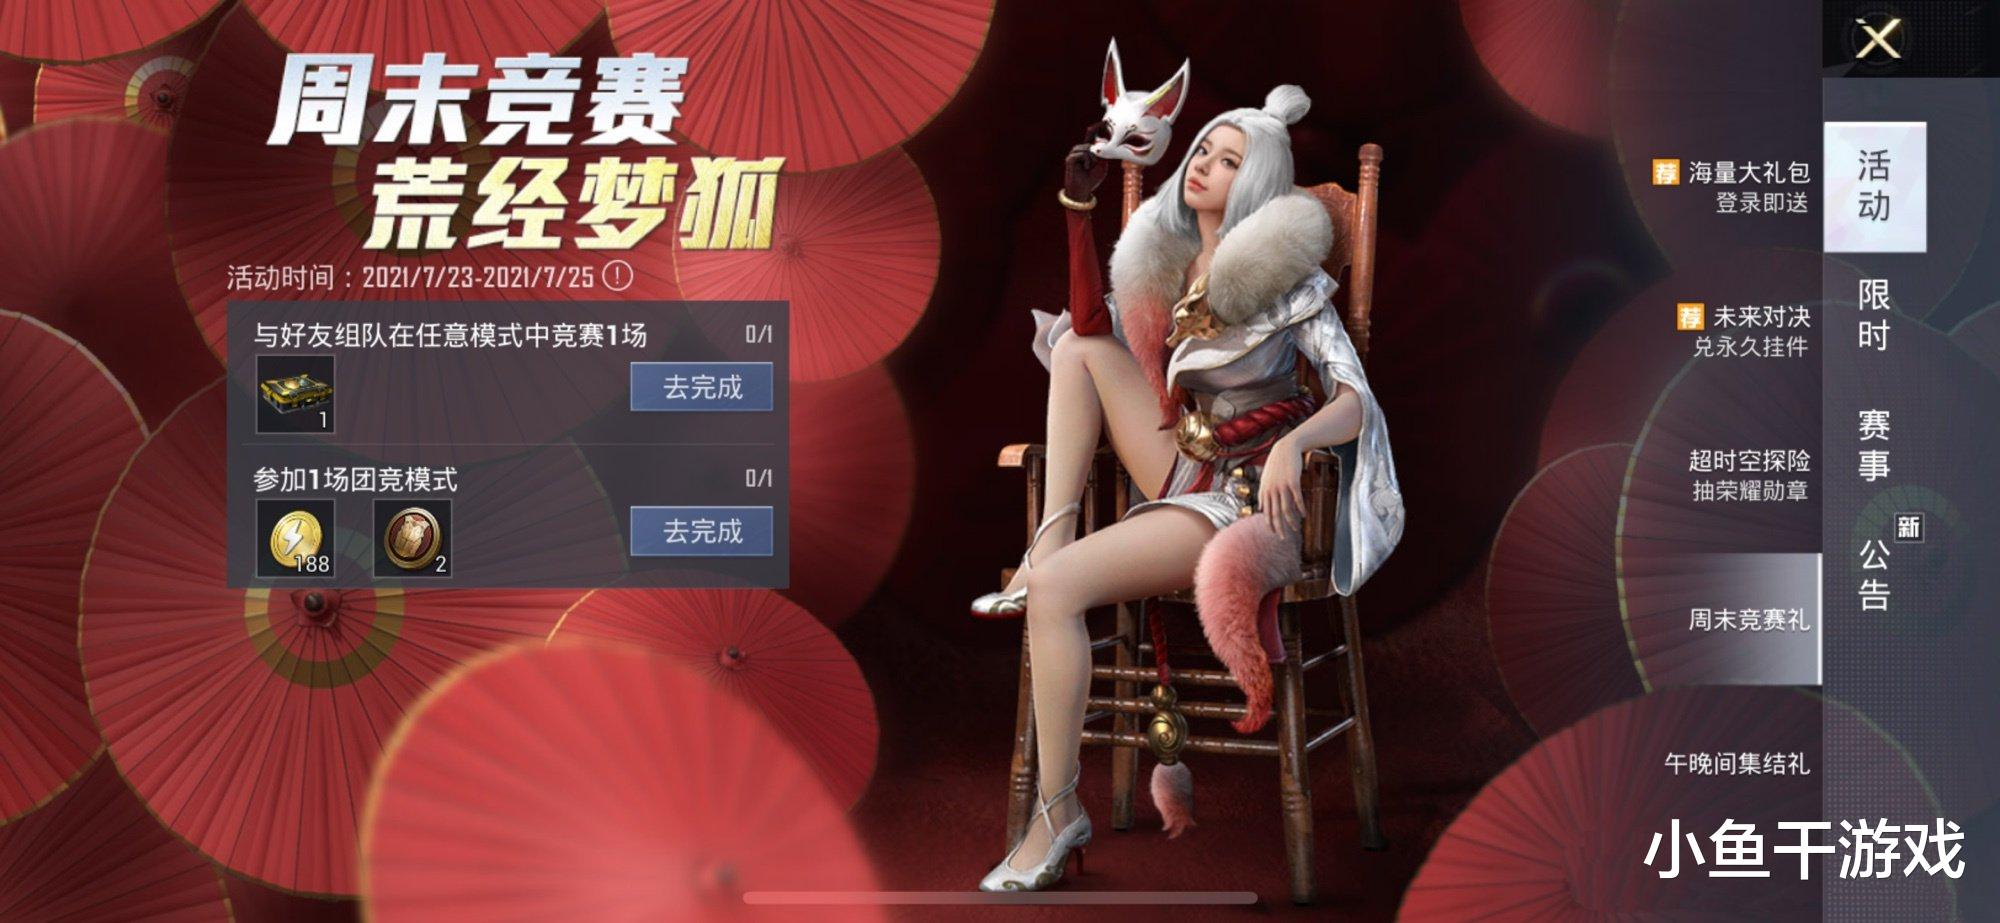 """《【合盈国际官网】""""吃鸡""""误放新军需海报,看到""""狐狸精""""的坐姿,玩家坐不住了!》"""